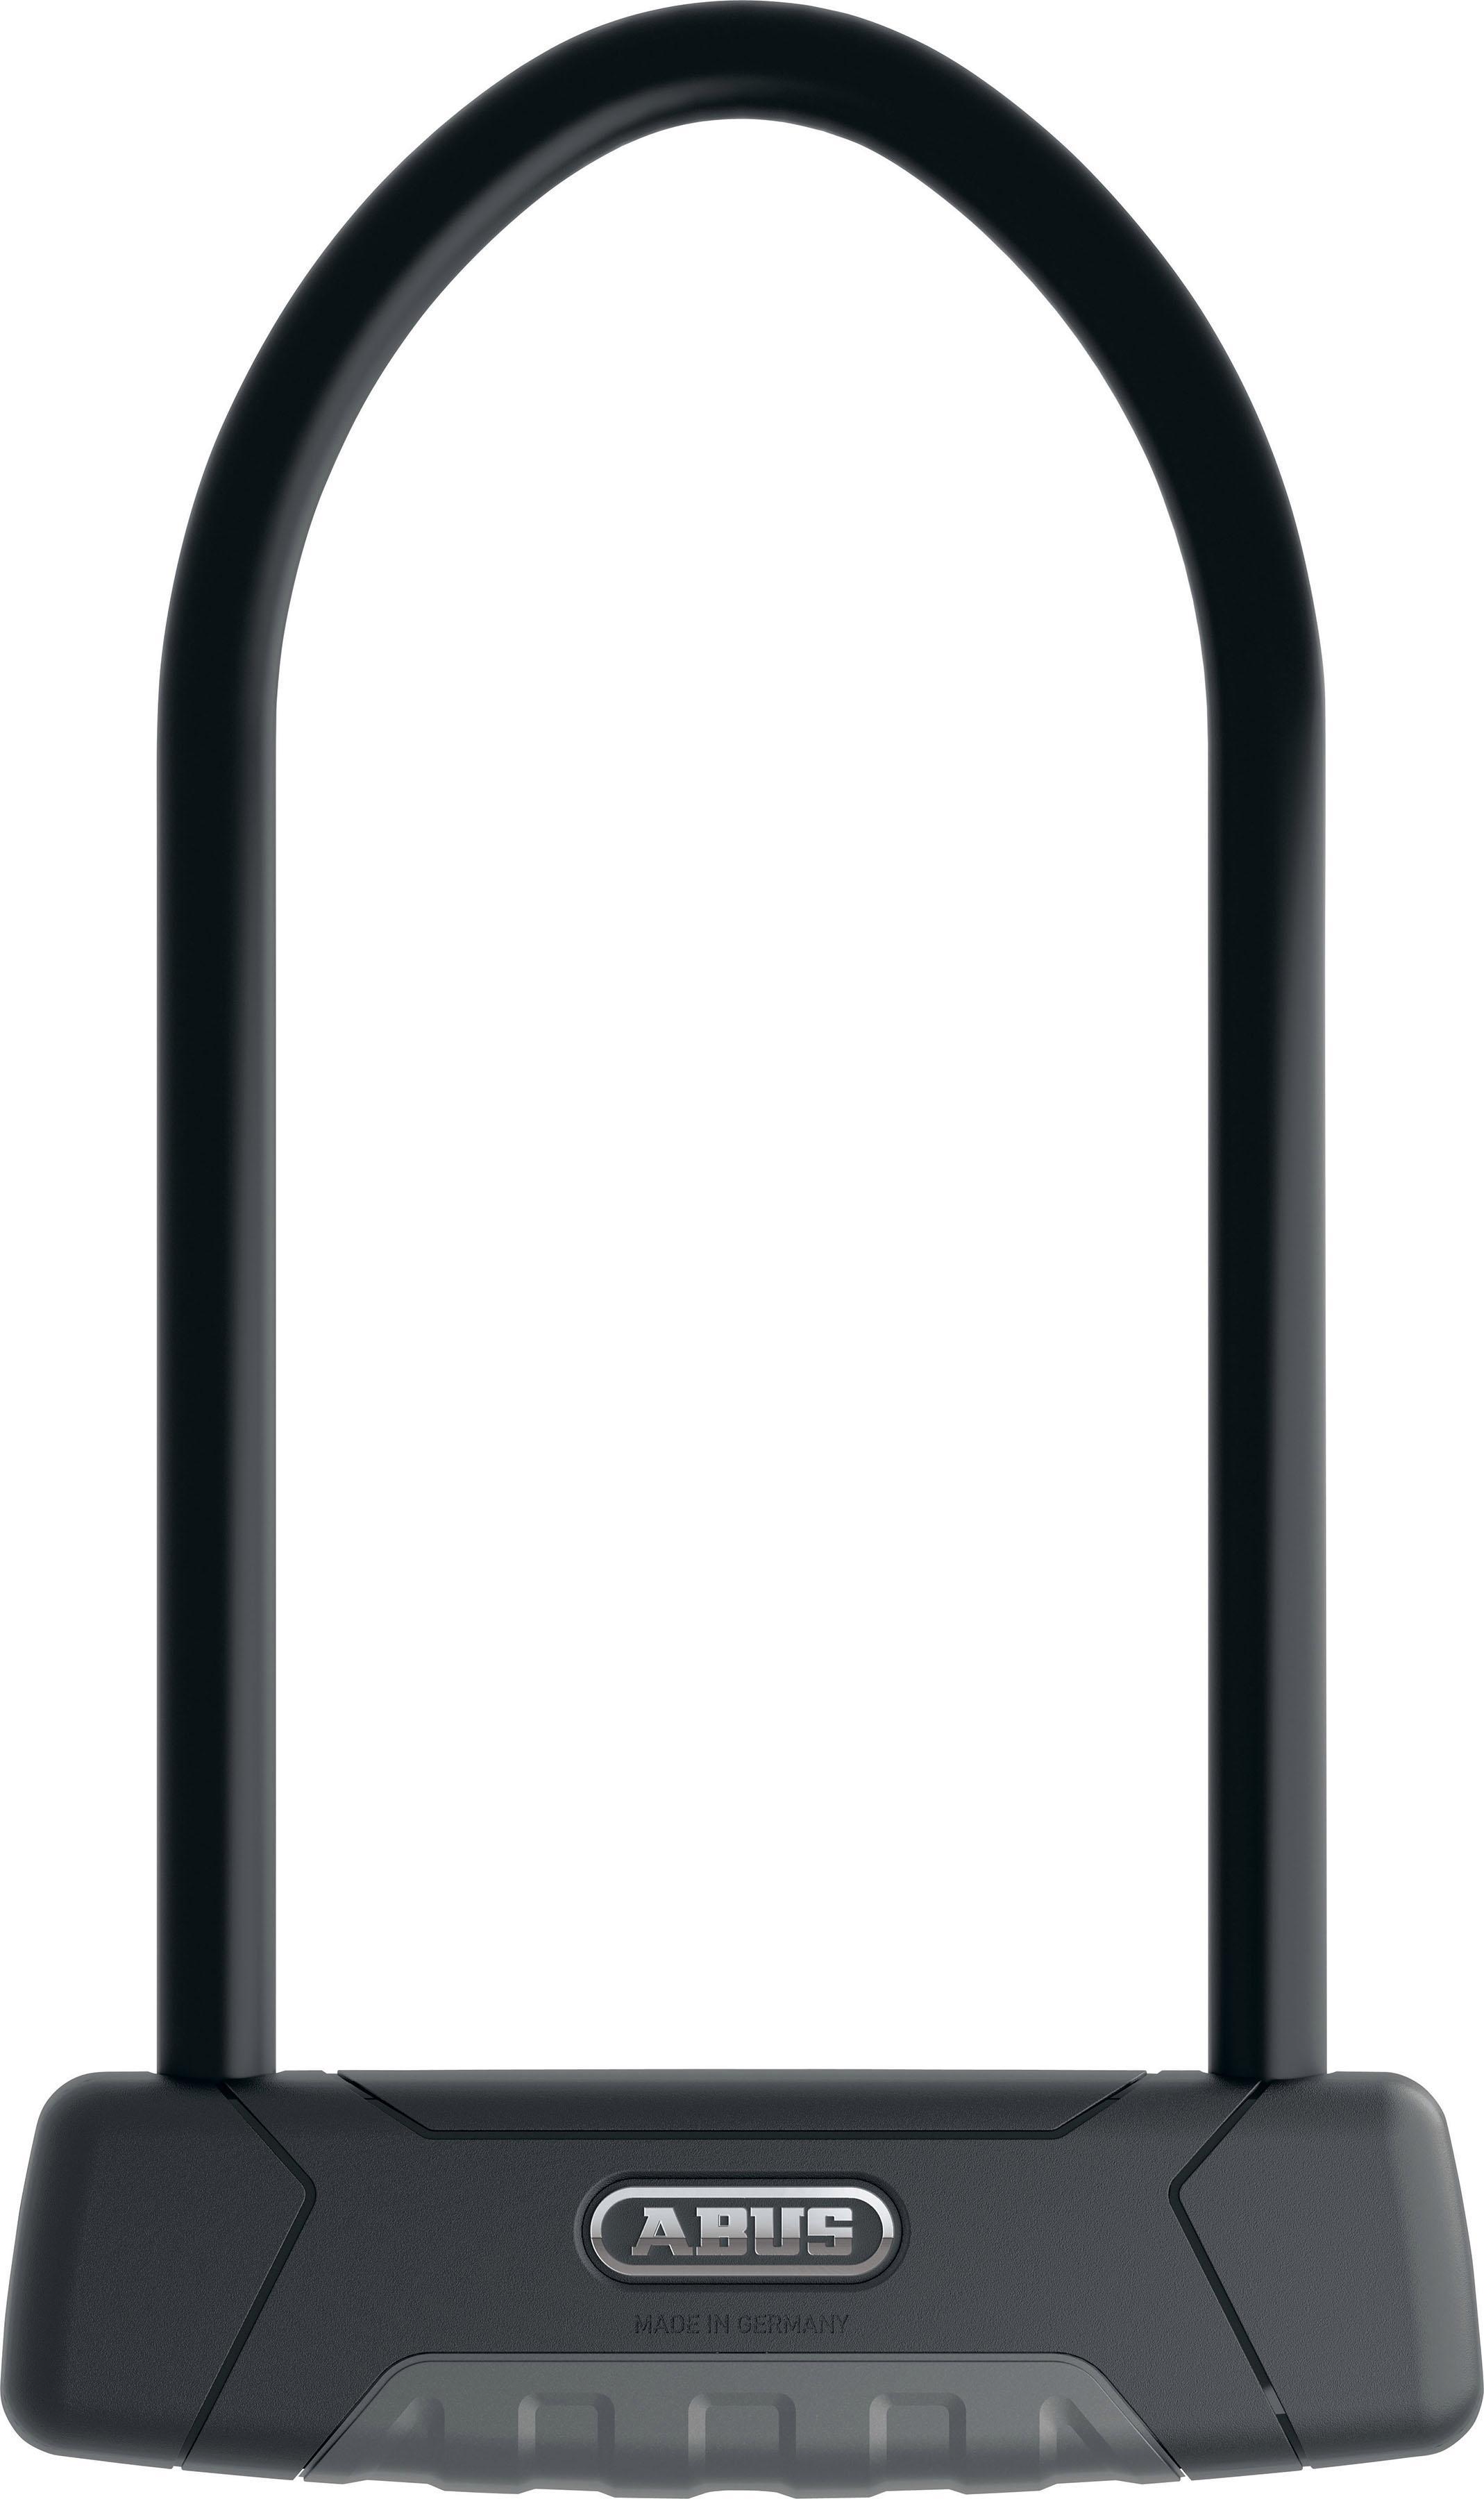 ABUS Bügelschloss 470/150HB300+USH470 Technik & Freizeit/Sport & Freizeit/Fahrräder & Zubehör/Fahrradzubehör/Fahrradschlösser/Bügelschlösser